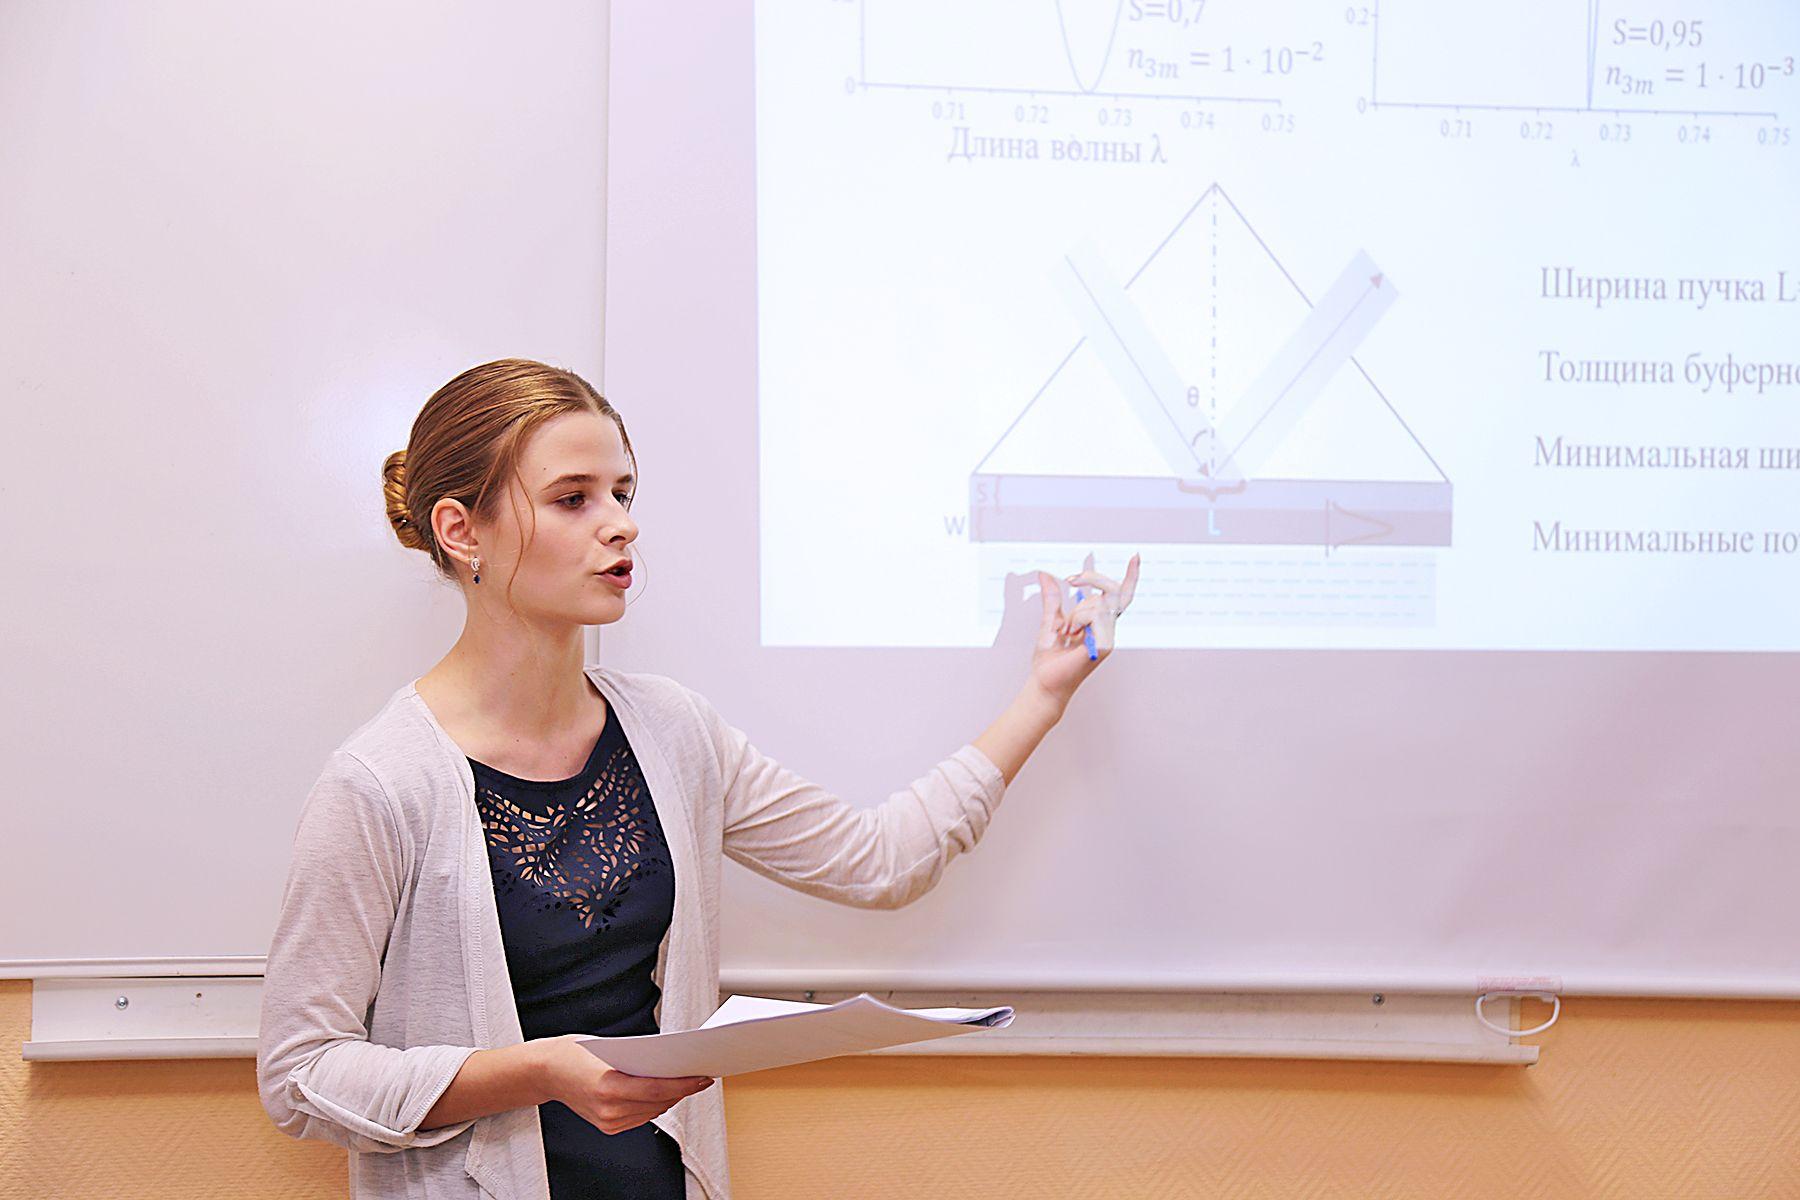 Технологические профессии, востребованные в будущем, можно получить во ВГУЭС